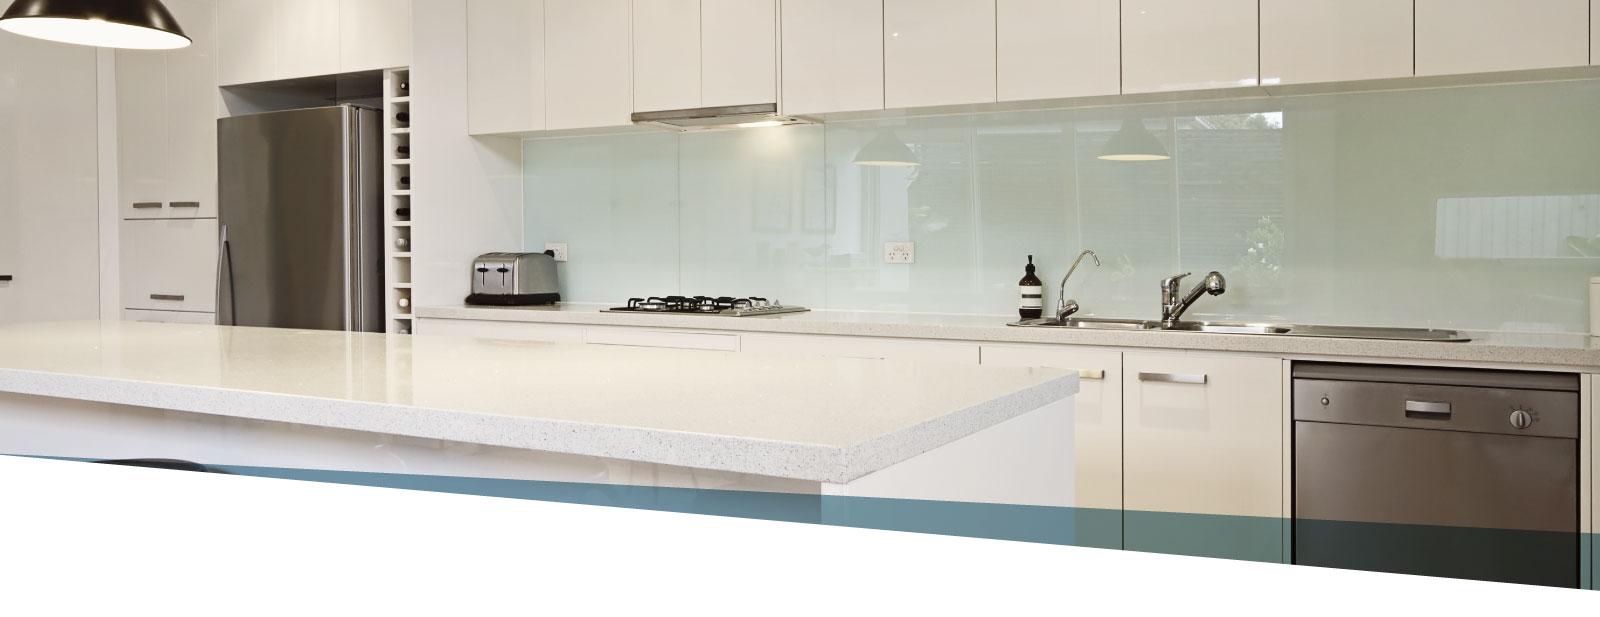 Forum schienale vetro o okite - Pannelli per retro cucina ...